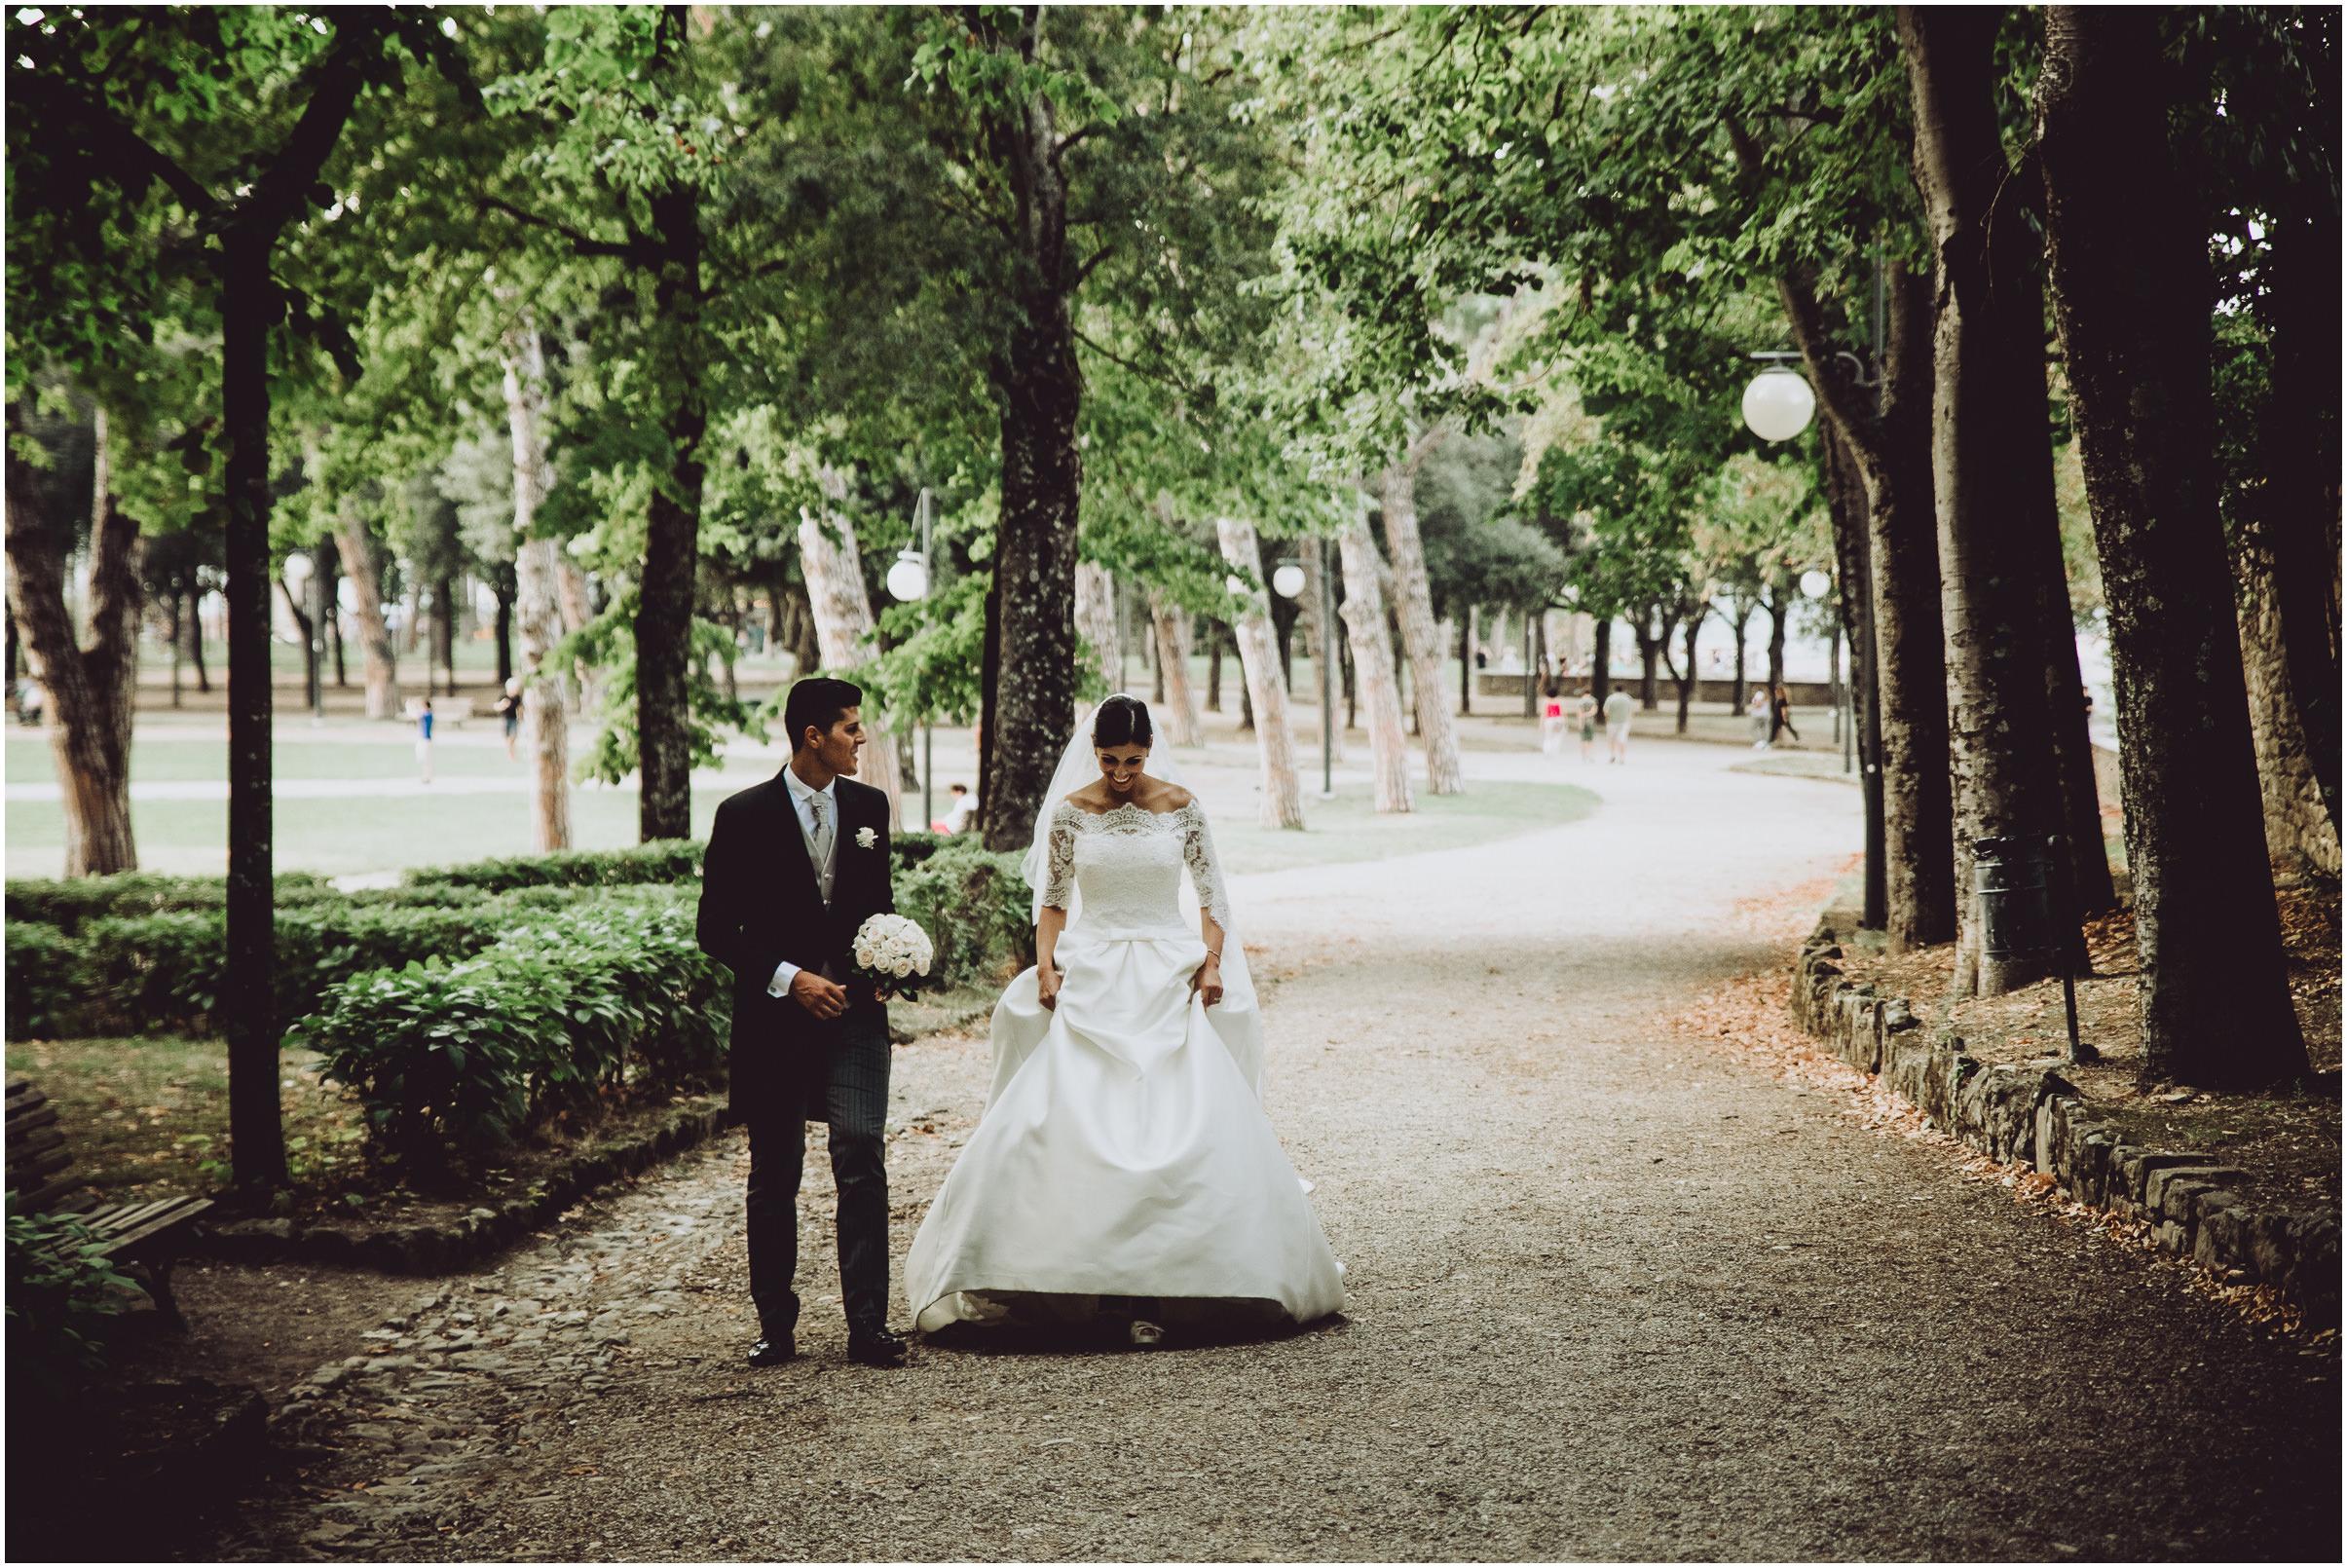 WEDDING-PHOTOGRAPHY-SARA-LORENZONI-FOTOGRAFIA-MATRIMONIO-AREZZO-TUSCANY-EVENTO-LE-SPOSE-DI-GIANNI-ELISA-LUCA035